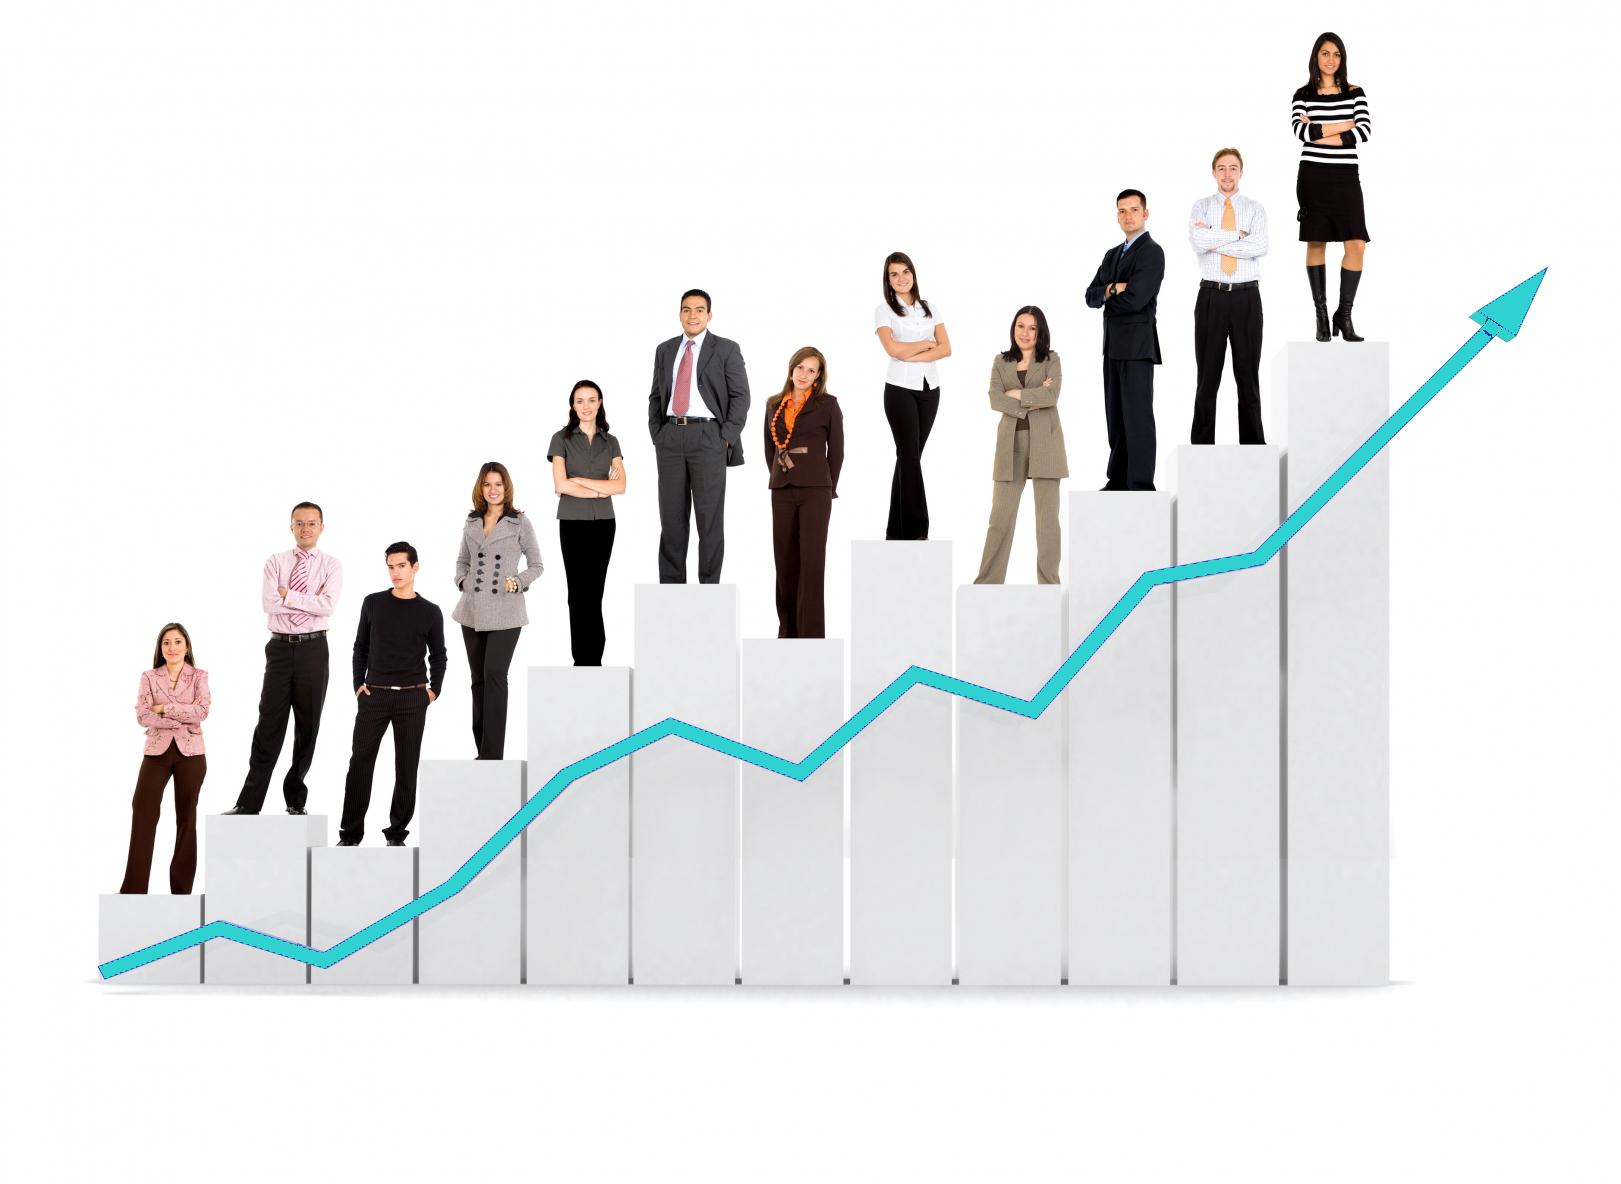 هل شركتك جاهزة للنمو؟